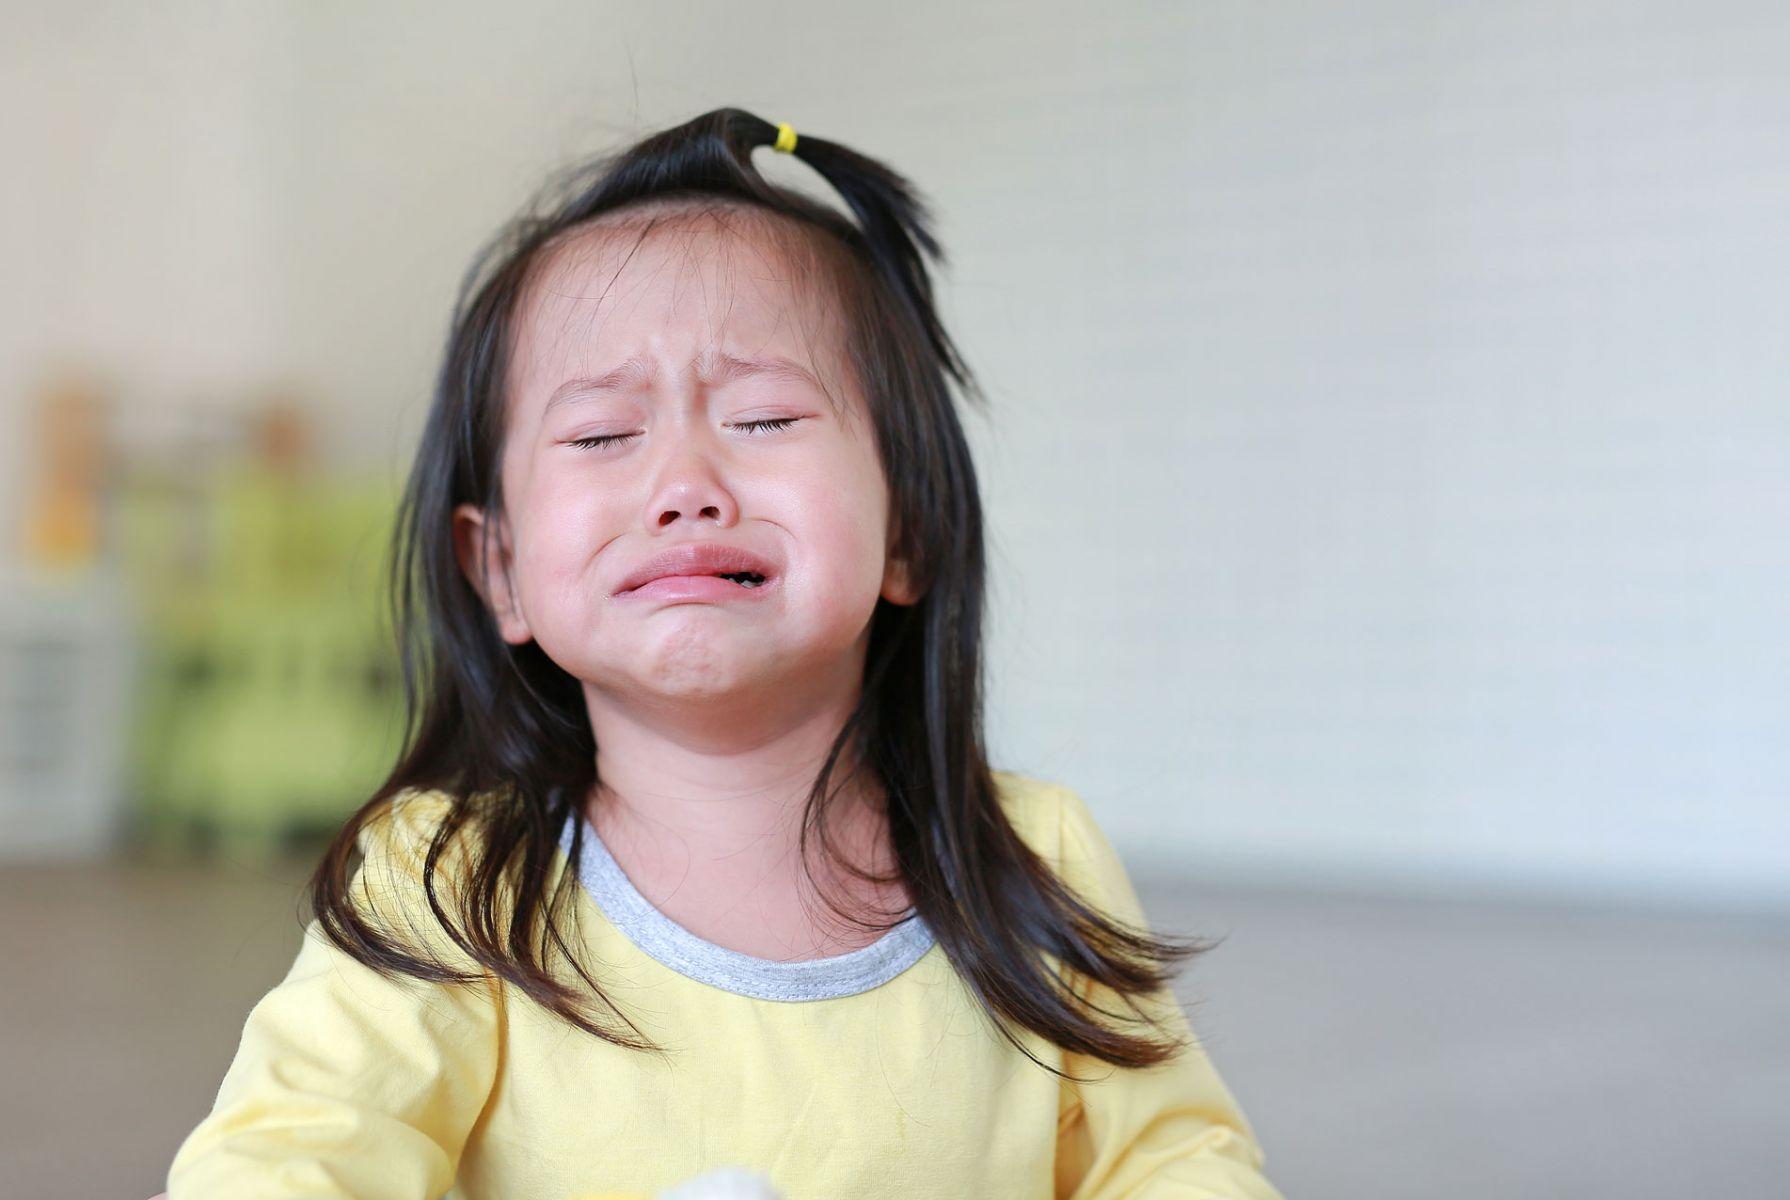 上學時的依依不捨 都是哭給父母看的?